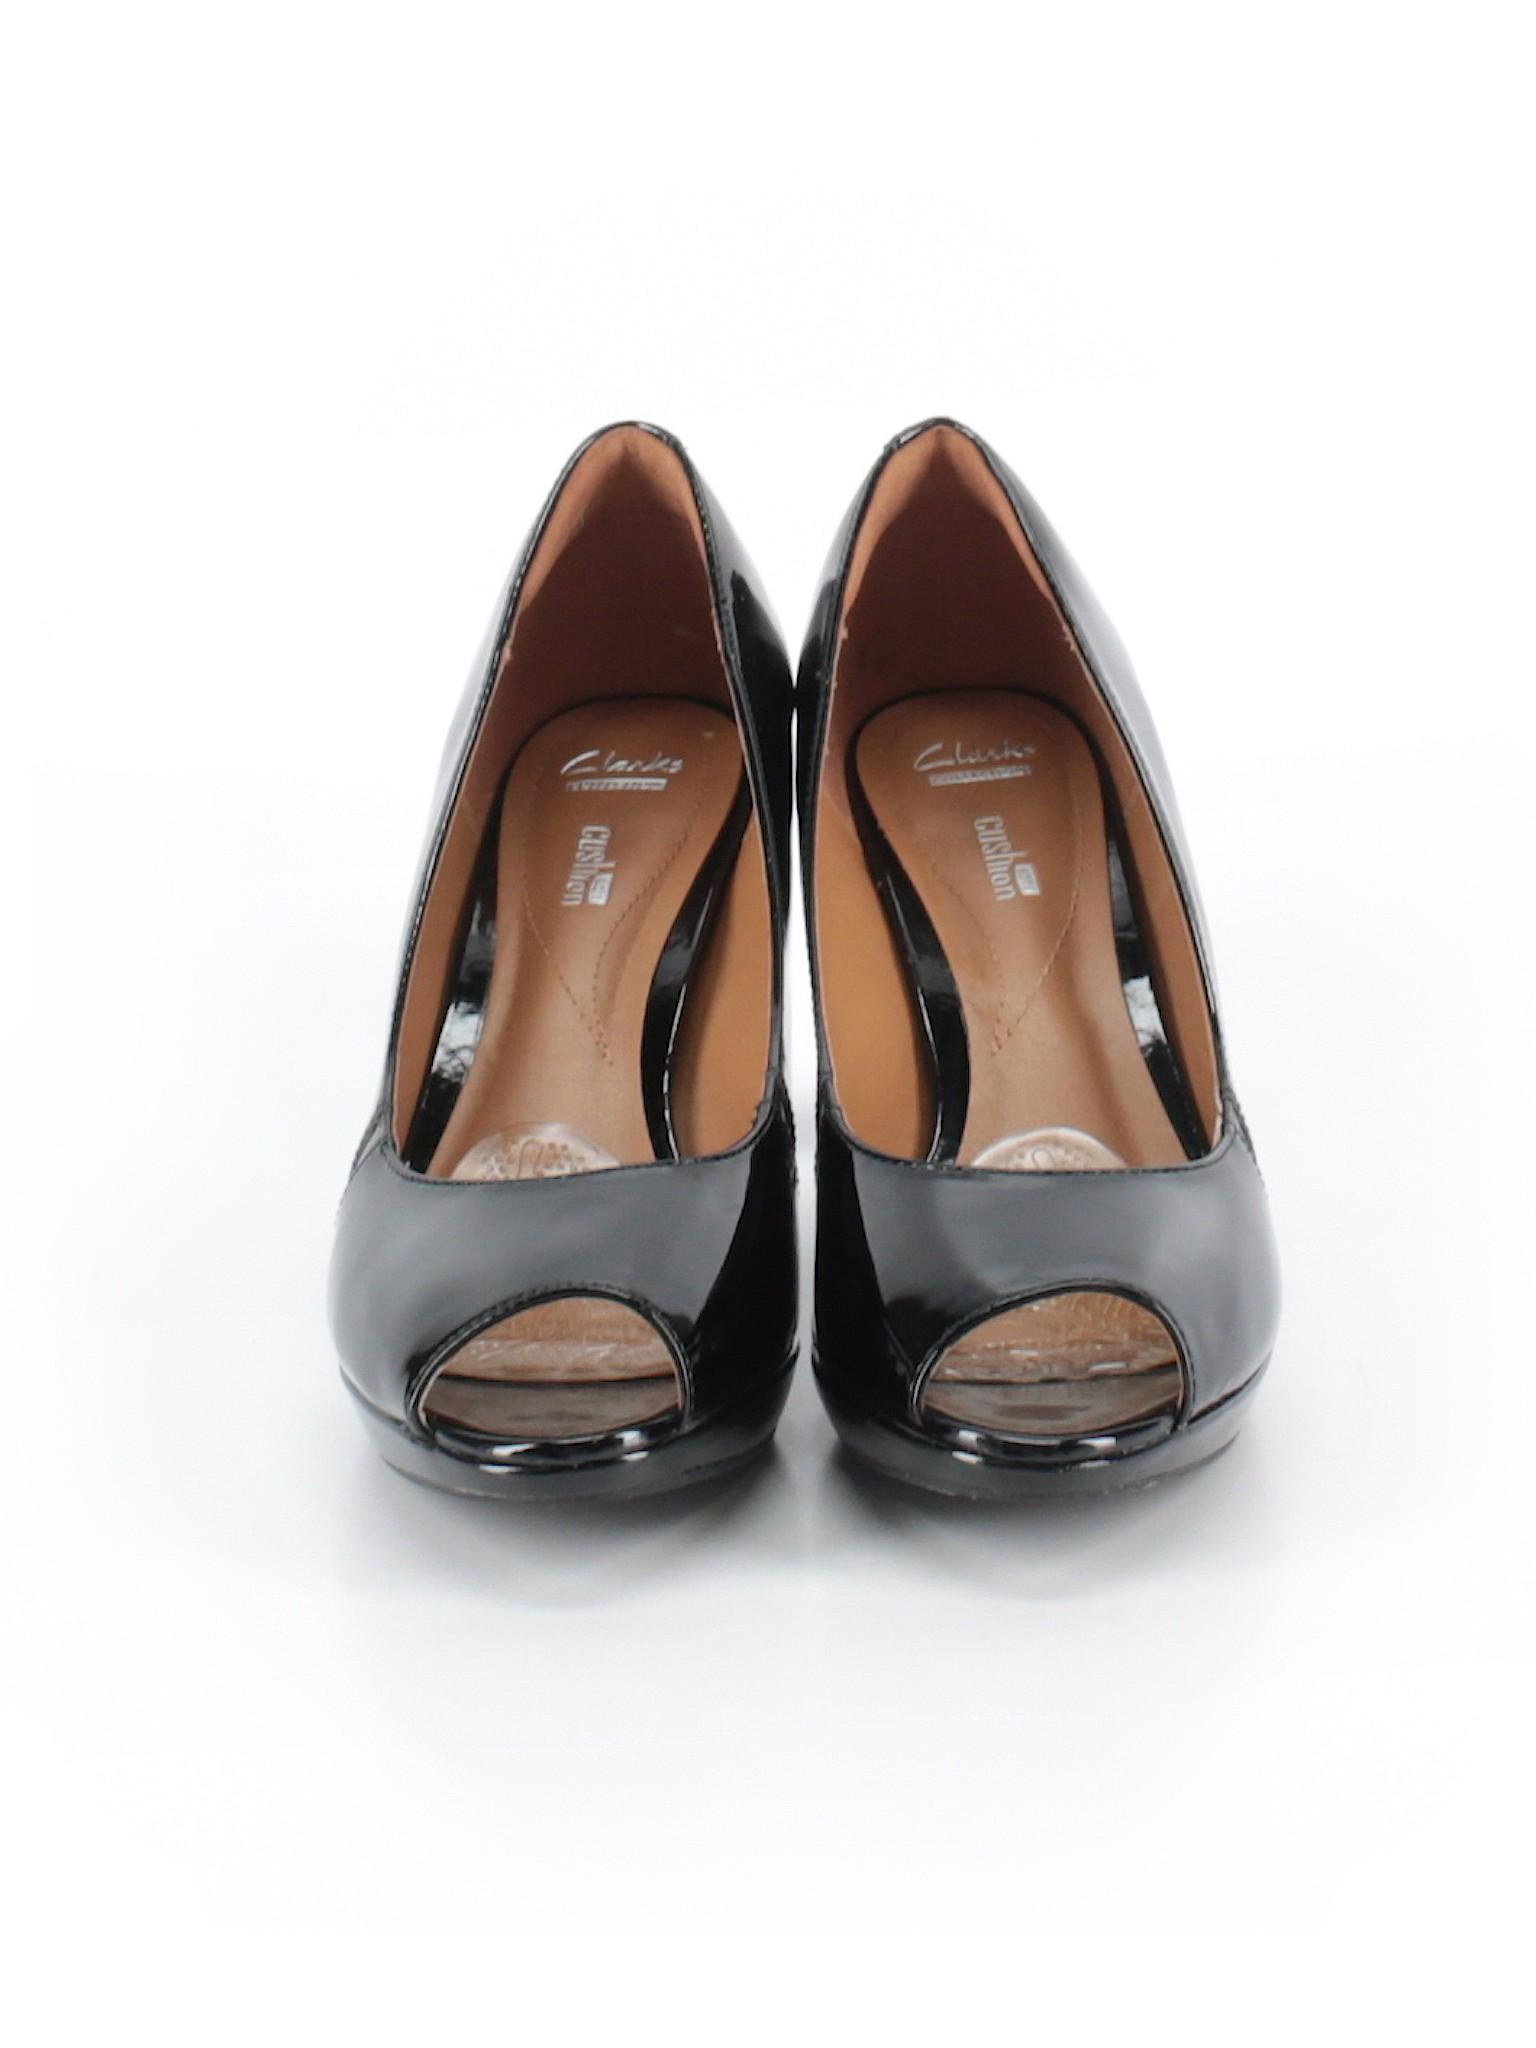 Clarks Boutique Boutique Heels promotion promotion qaSRqtw